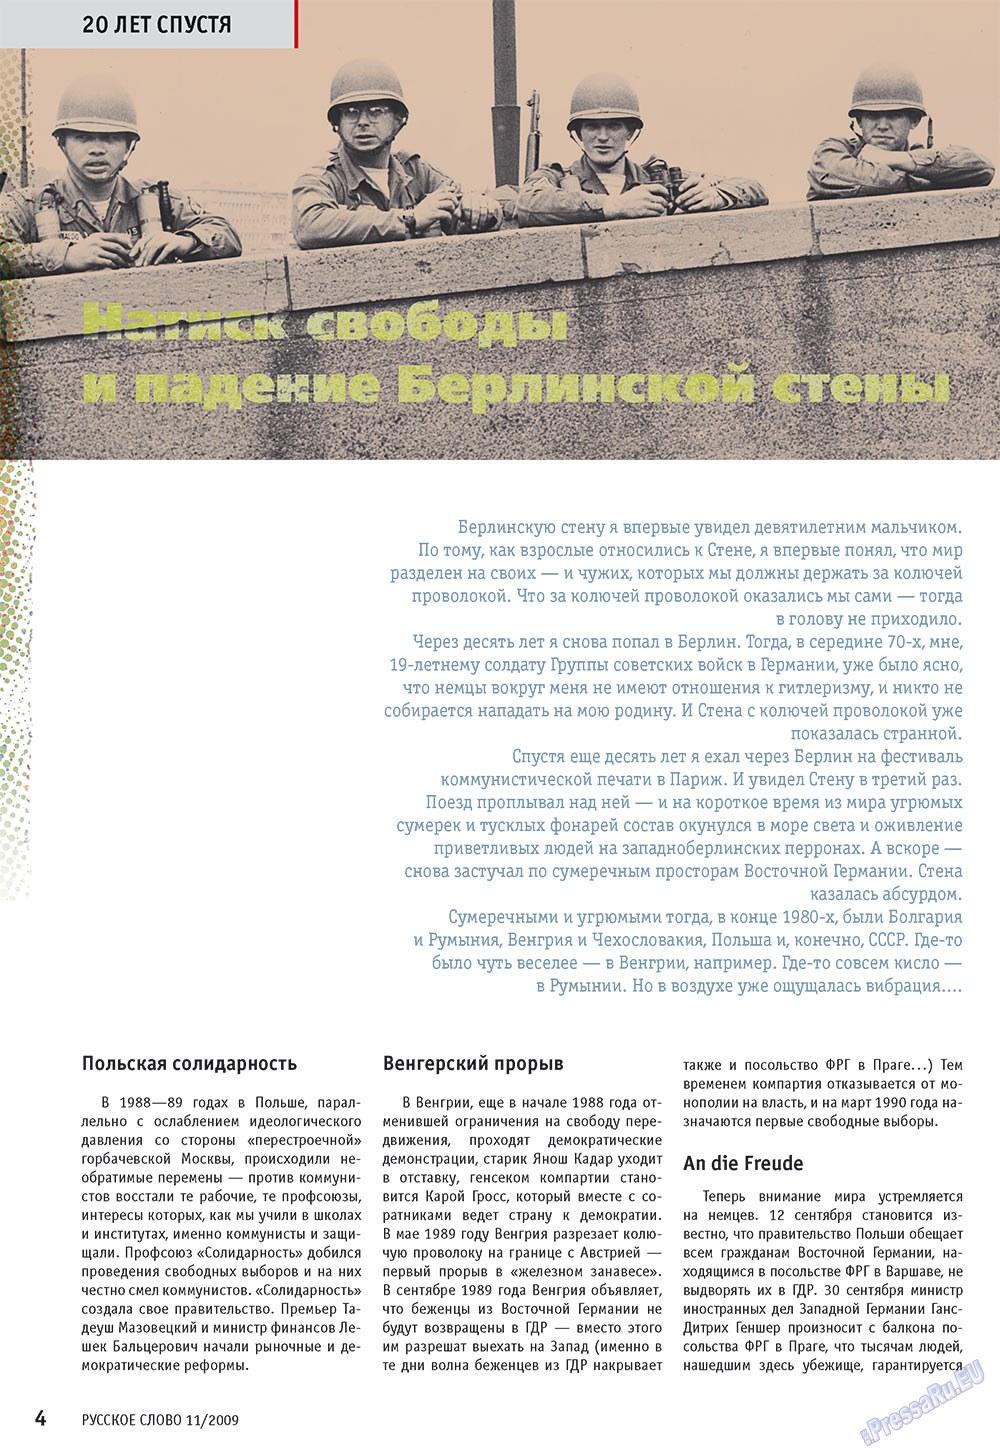 Русское слово (журнал). 2009 год, номер 11, стр. 6